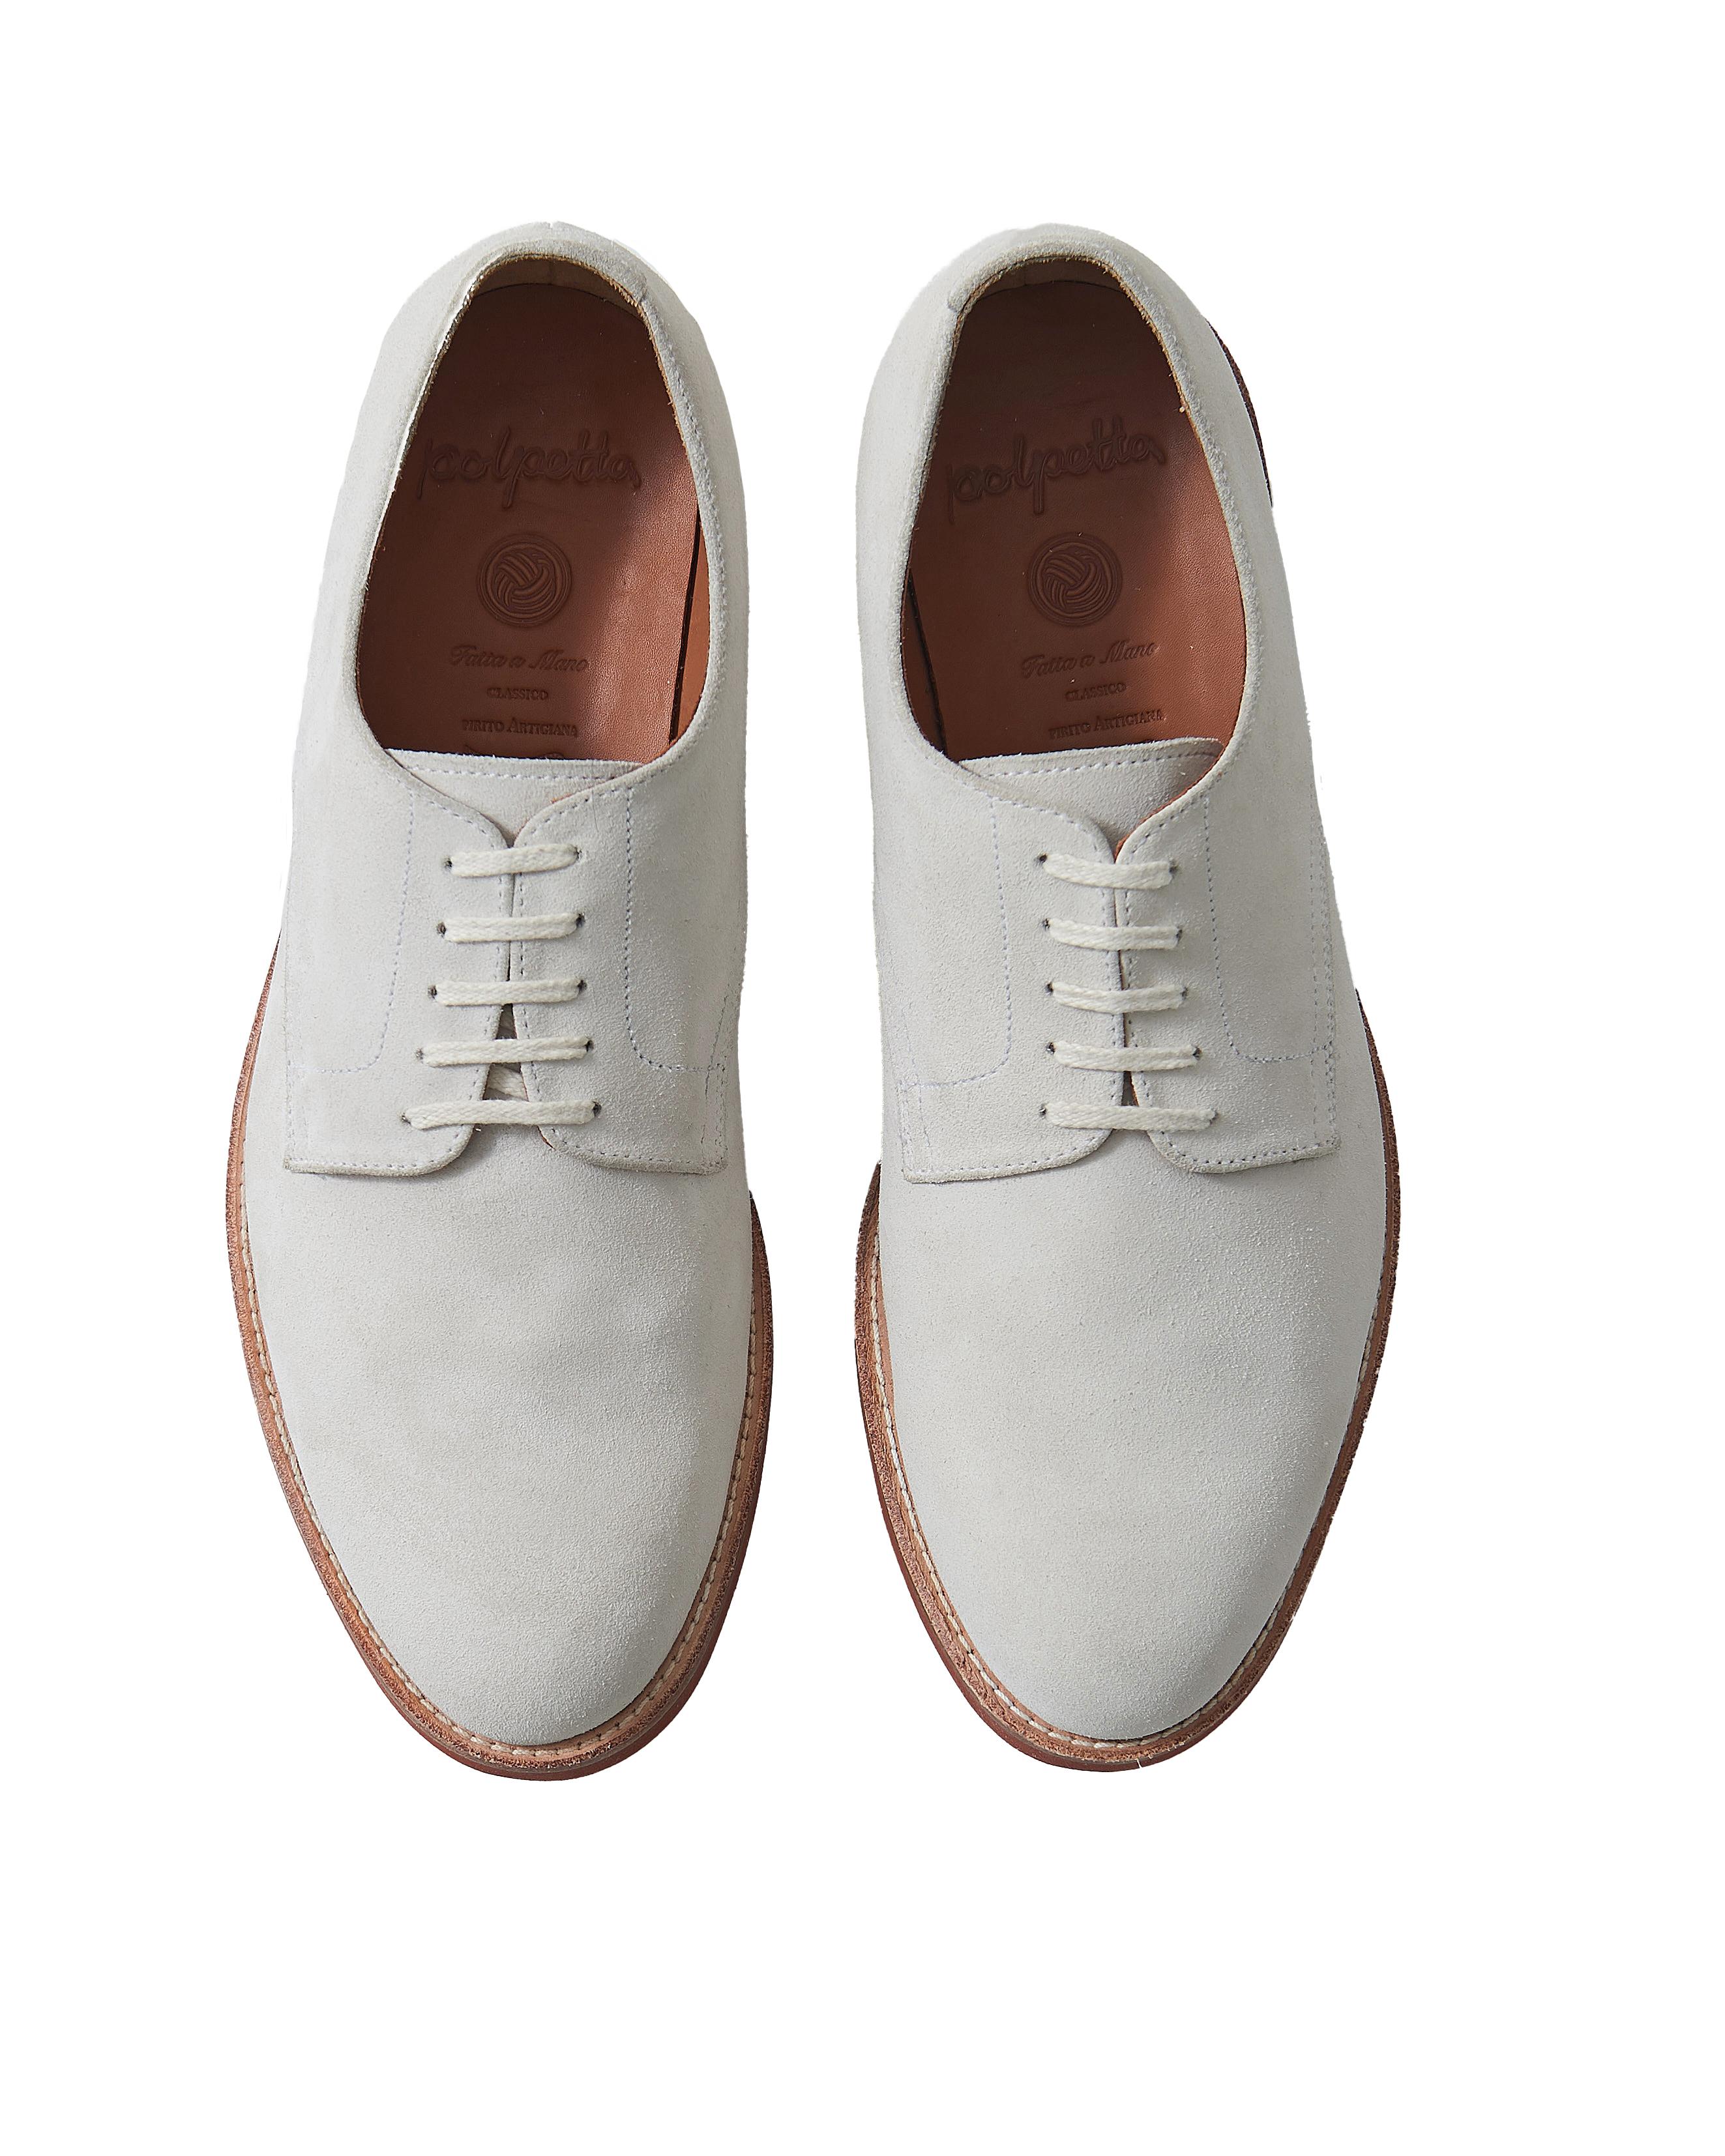 <p><strong>25.ポルペッタのホワイトバックス</strong><br /> 2013年にデビューした日本の新鋭靴ブランド。イタリアンテイストの靴に定評があるが、こちらはレンガソールの仕様で本場米国ブランド顔負けのホワイトバックスだ。絶妙にスリムな形もモダンな雰囲気を醸し出す。3万6300円(ビームス 六本木ヒルズ TEL 03-5775-1623)</p>